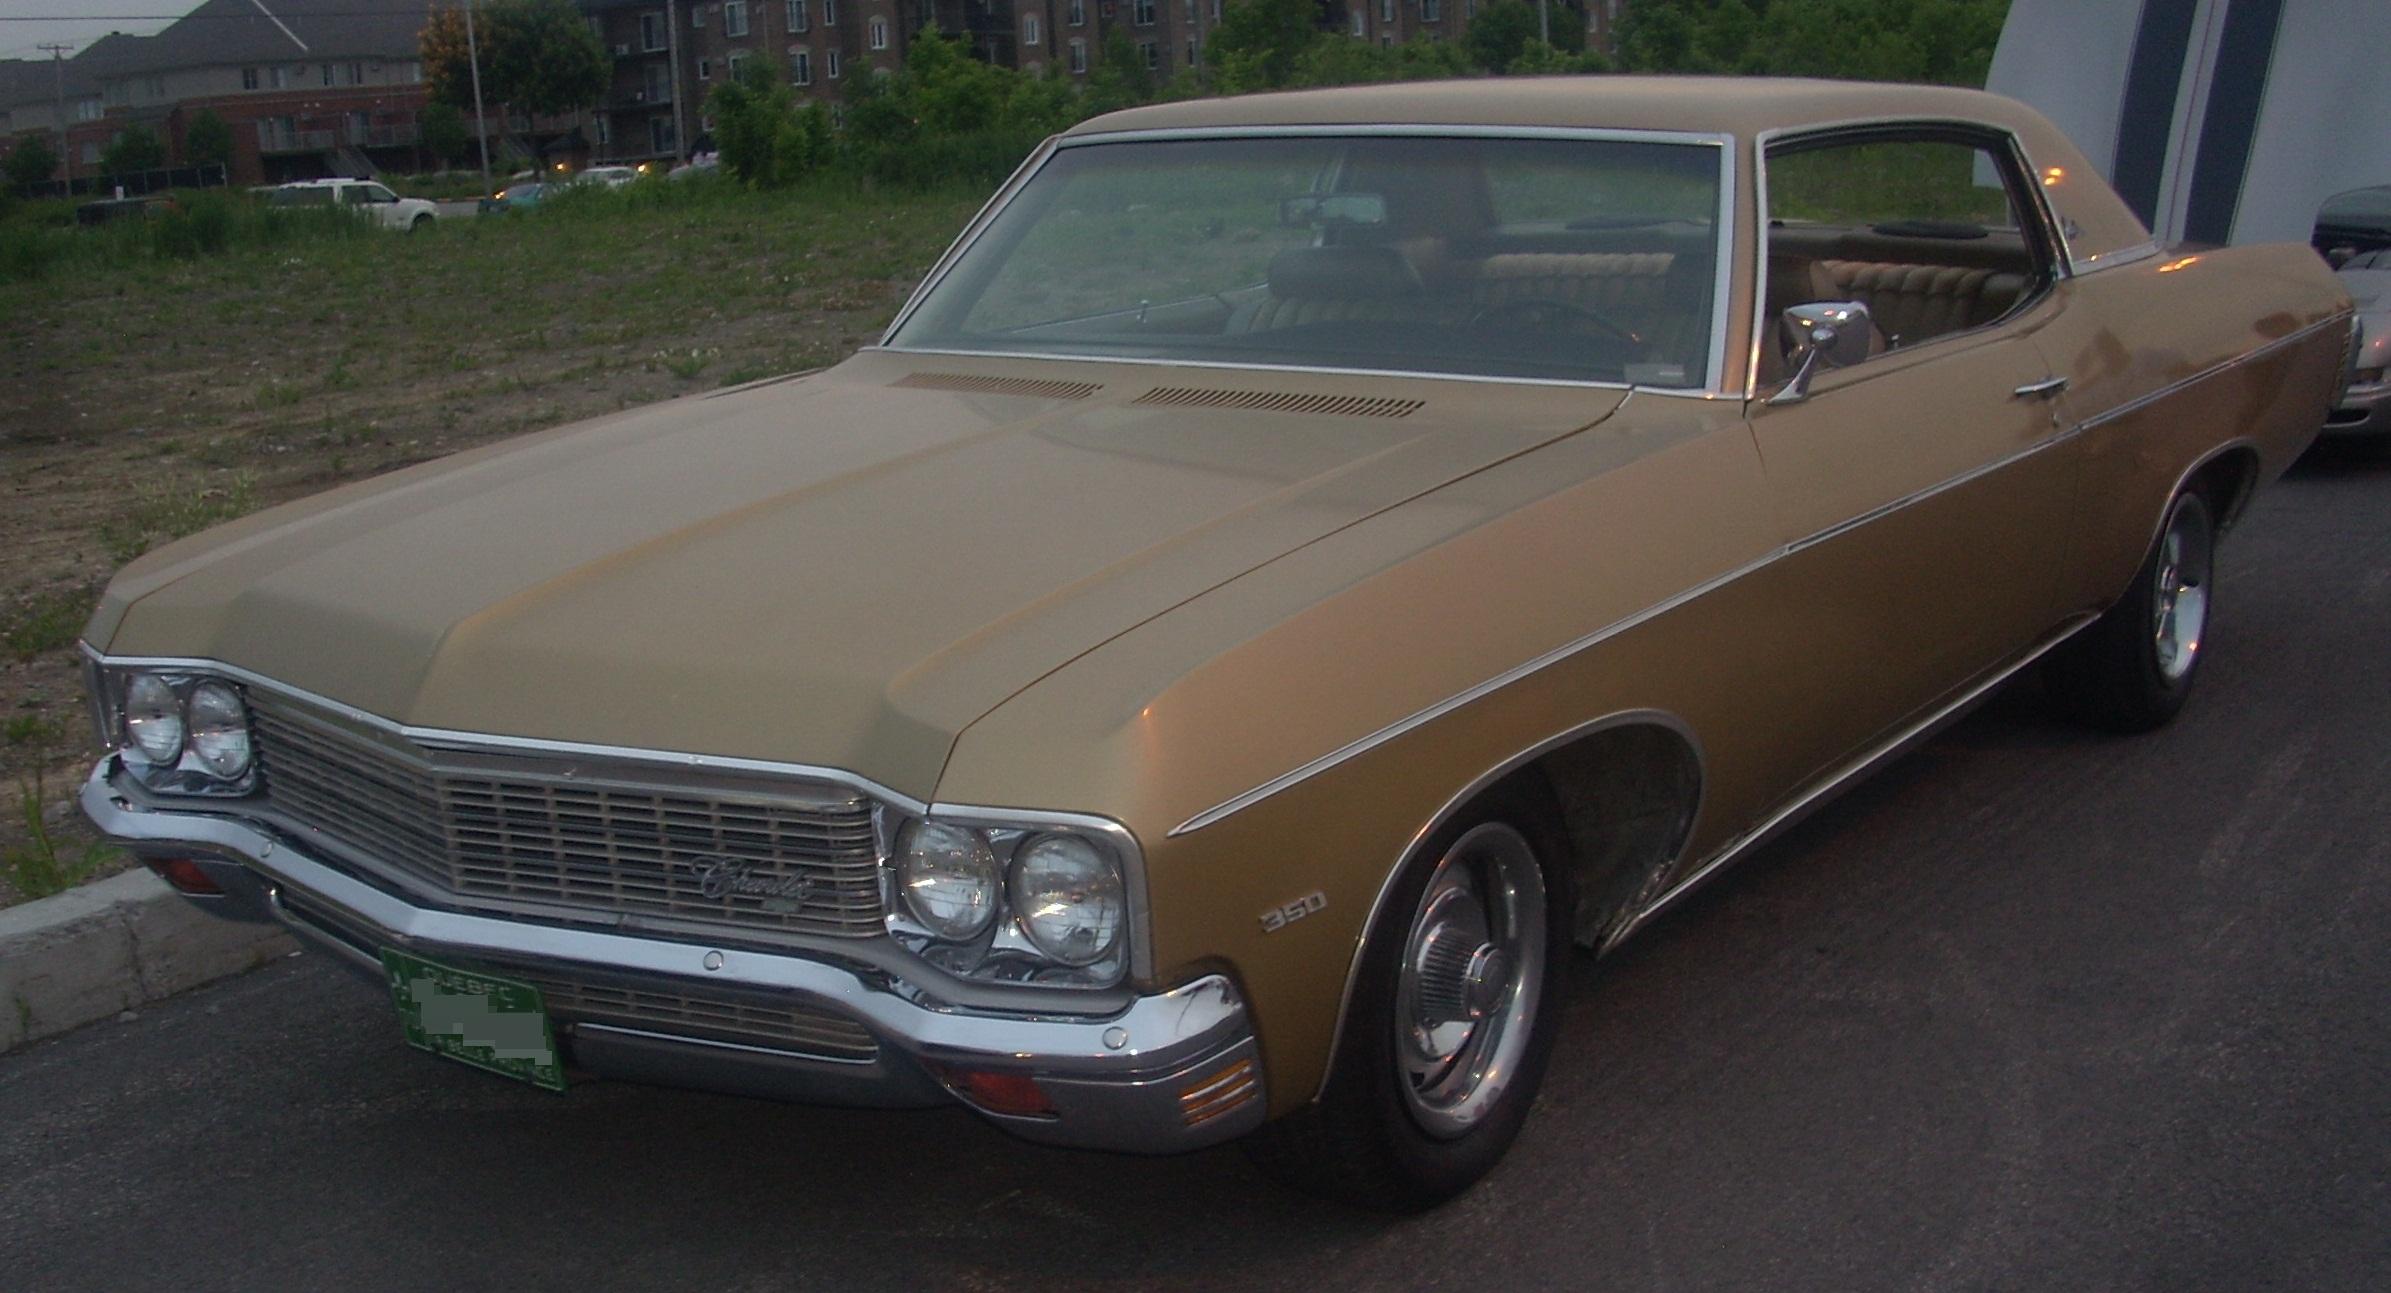 File:'70 Chevrolet Impala Coupe (Centropolis Laval '10).jpg ...